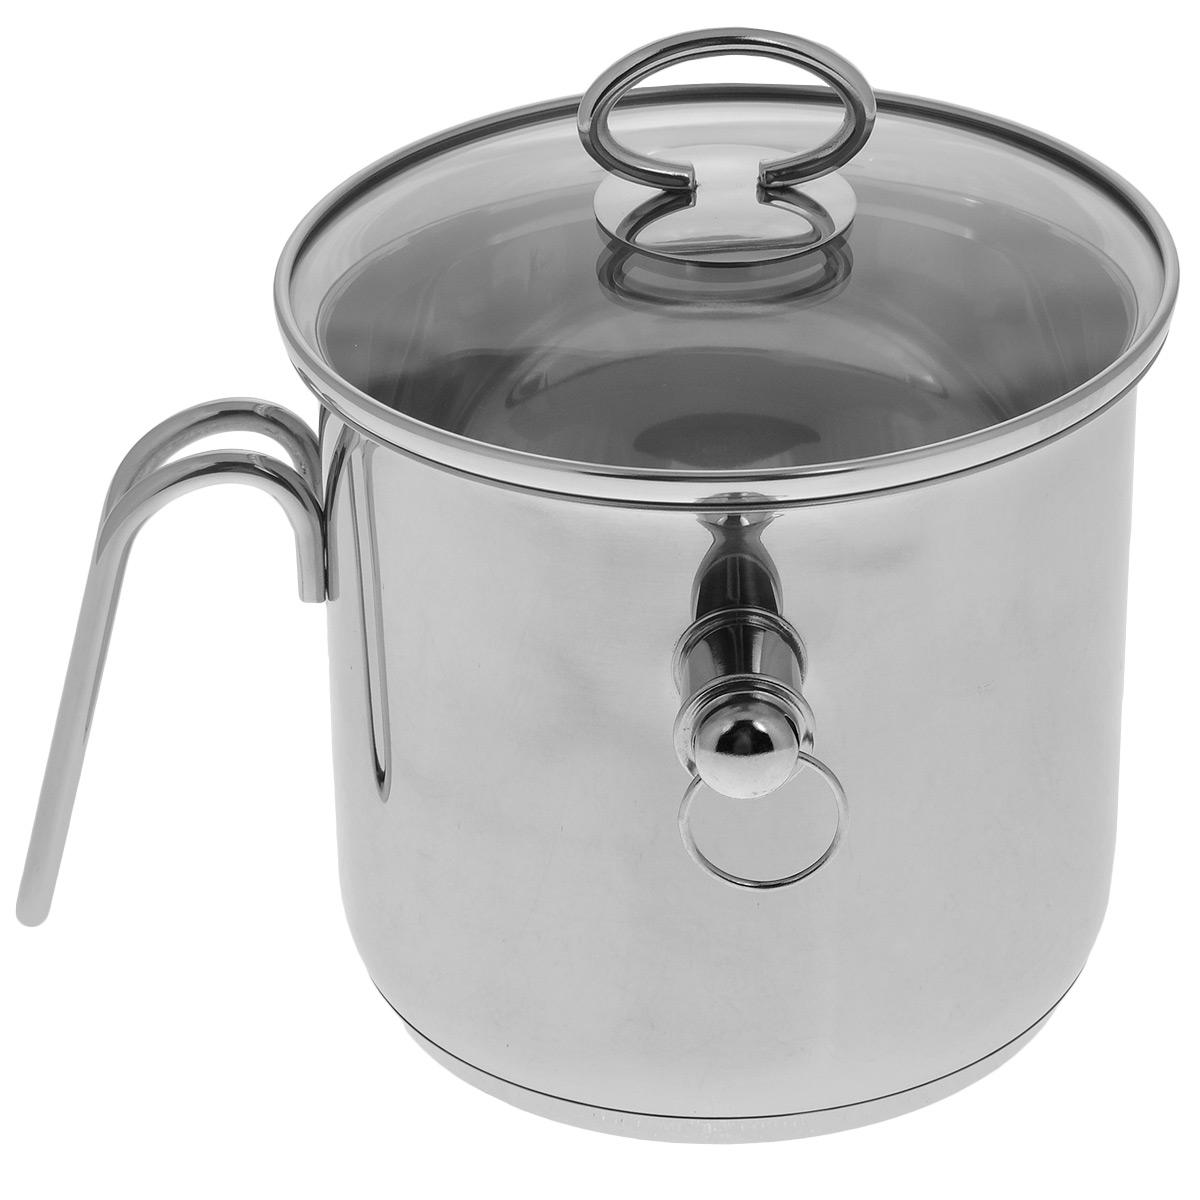 Молоковарка TimA с крышкой, со свистком, 2 лROUND C18-BМолоковарка TimA изготовлена из высококачественной нержавеющей стали марки 18/10. Внешние стенки обладают зеркальным блеском. Молоковарка имеет двойные стенки, между которыми заливается вода. Это исключает подгорание любого продукта. Например, кашу можно готовить без помешивания, так как она никогда не пригорит и не выползет, а молоко не убежит. В такой посуде можно готовить без помешивания любые соусы, кремы, заваривать травяные настои, топить шоколад, мед, масло.Съемный свисток громко известит о закипании жидкости внутри молоковарки. Изделие оснащено ручкой из нержавеющей стали эргономичной формы, которая надежно крепится к стенке, и стеклянной крышкой.Можно использовать на всех видах кухонных плит - электрических, газовых, со стеклянными и керамическими поверхностями, в том числе и на индукционных. Можно мыть в посудомоечной машине. Высота стенки: 15 см.Толщина стенки: 6 мм.Диаметр (по верхнему краю): 16 см.